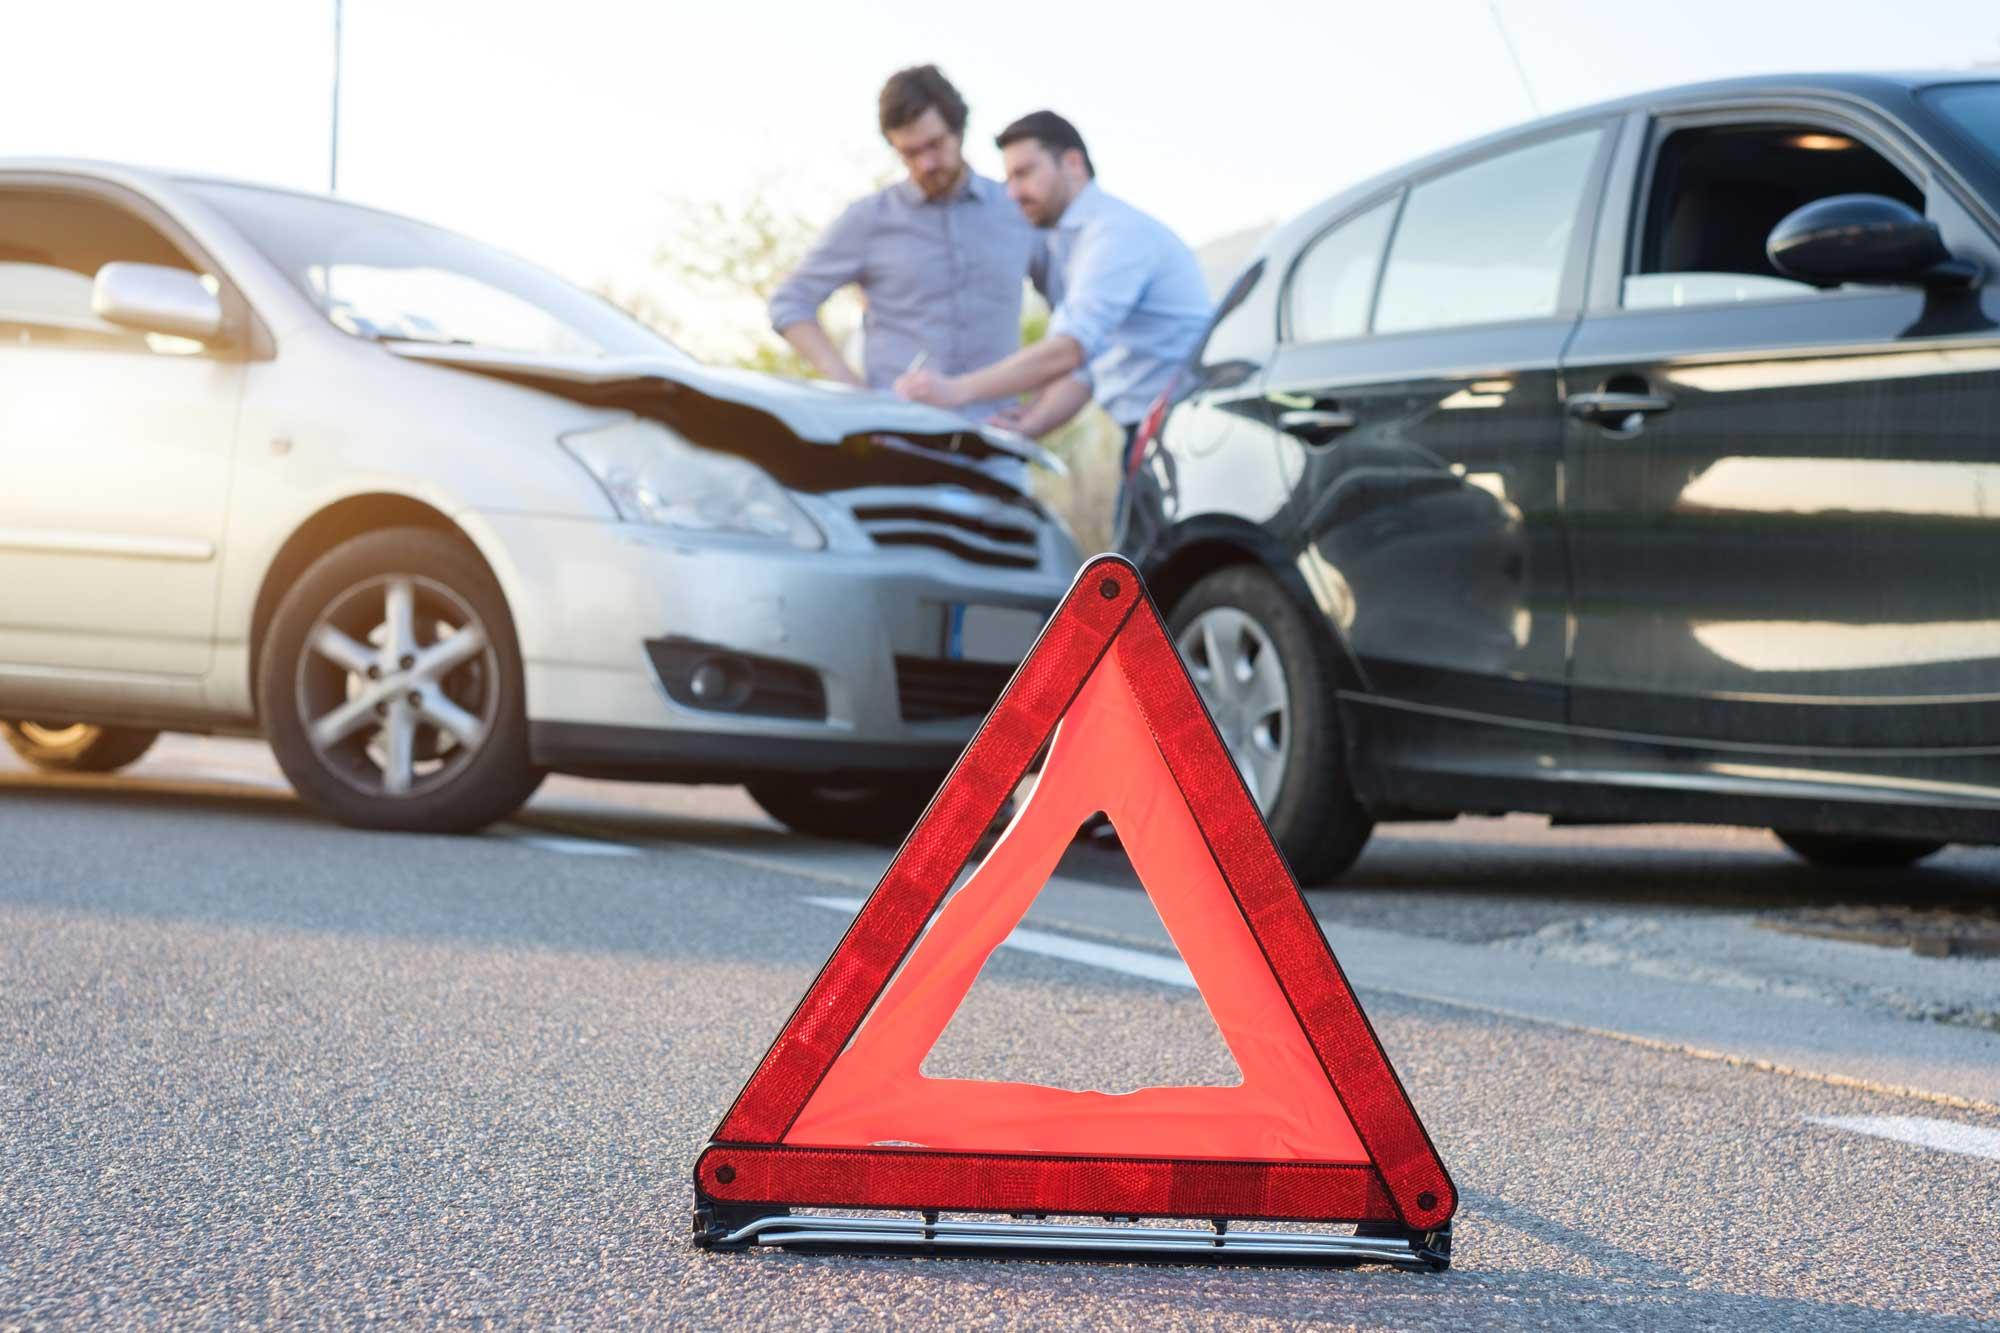 Cosa Fare In Caso Di Incidente? Segui Le Corrette Indicazioni